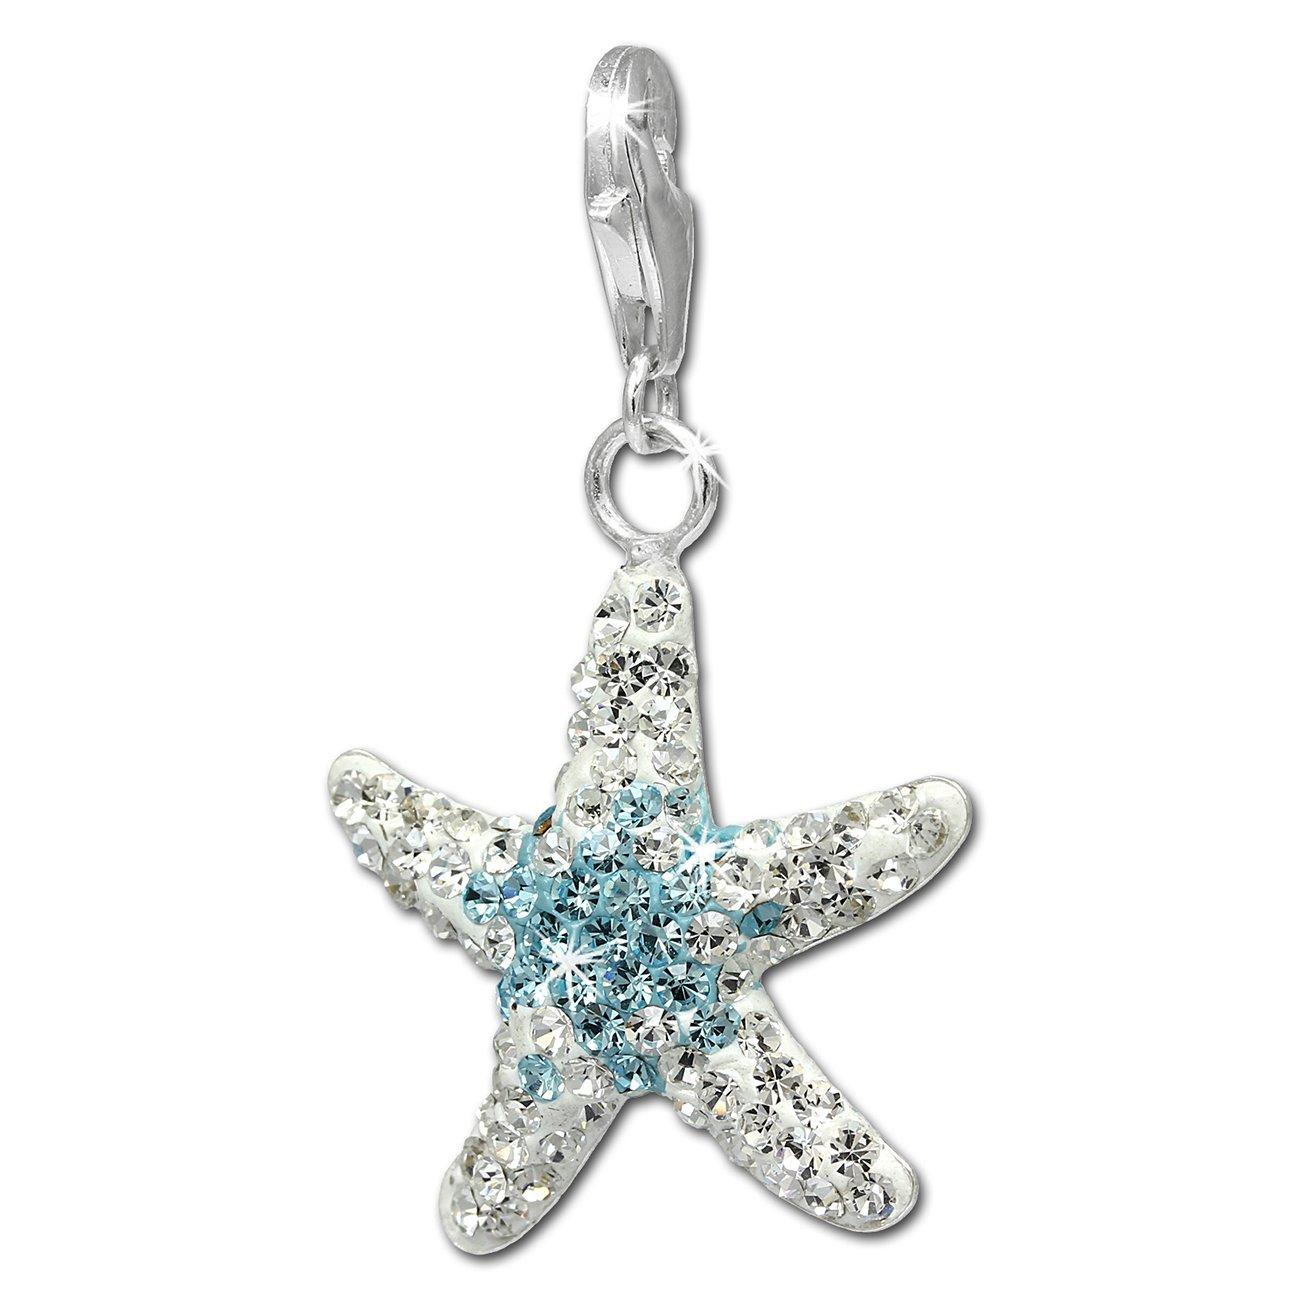 SilberDream Pendentif étoile de mer en argent 925 sertie de cristaux Swarovski bleu ciel - GSC309 pour boucles d'oreilles, colliers, bracelets à breloques bracelets à breloques